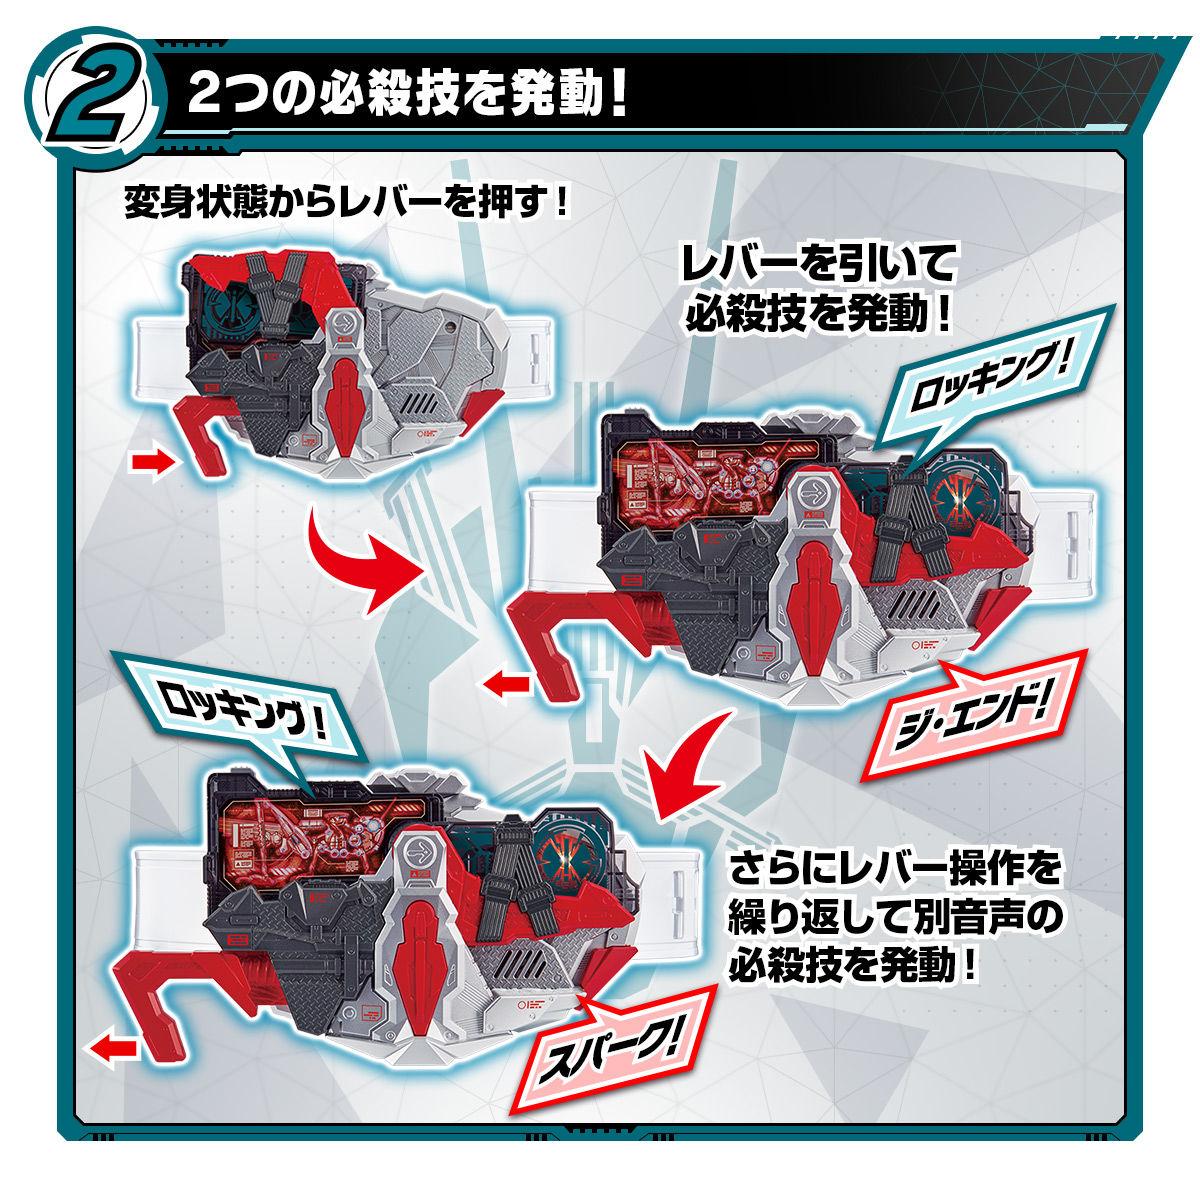 【限定販売】仮面ライダーゼロワン『DXサイクロンライザー』変身ベルト-003